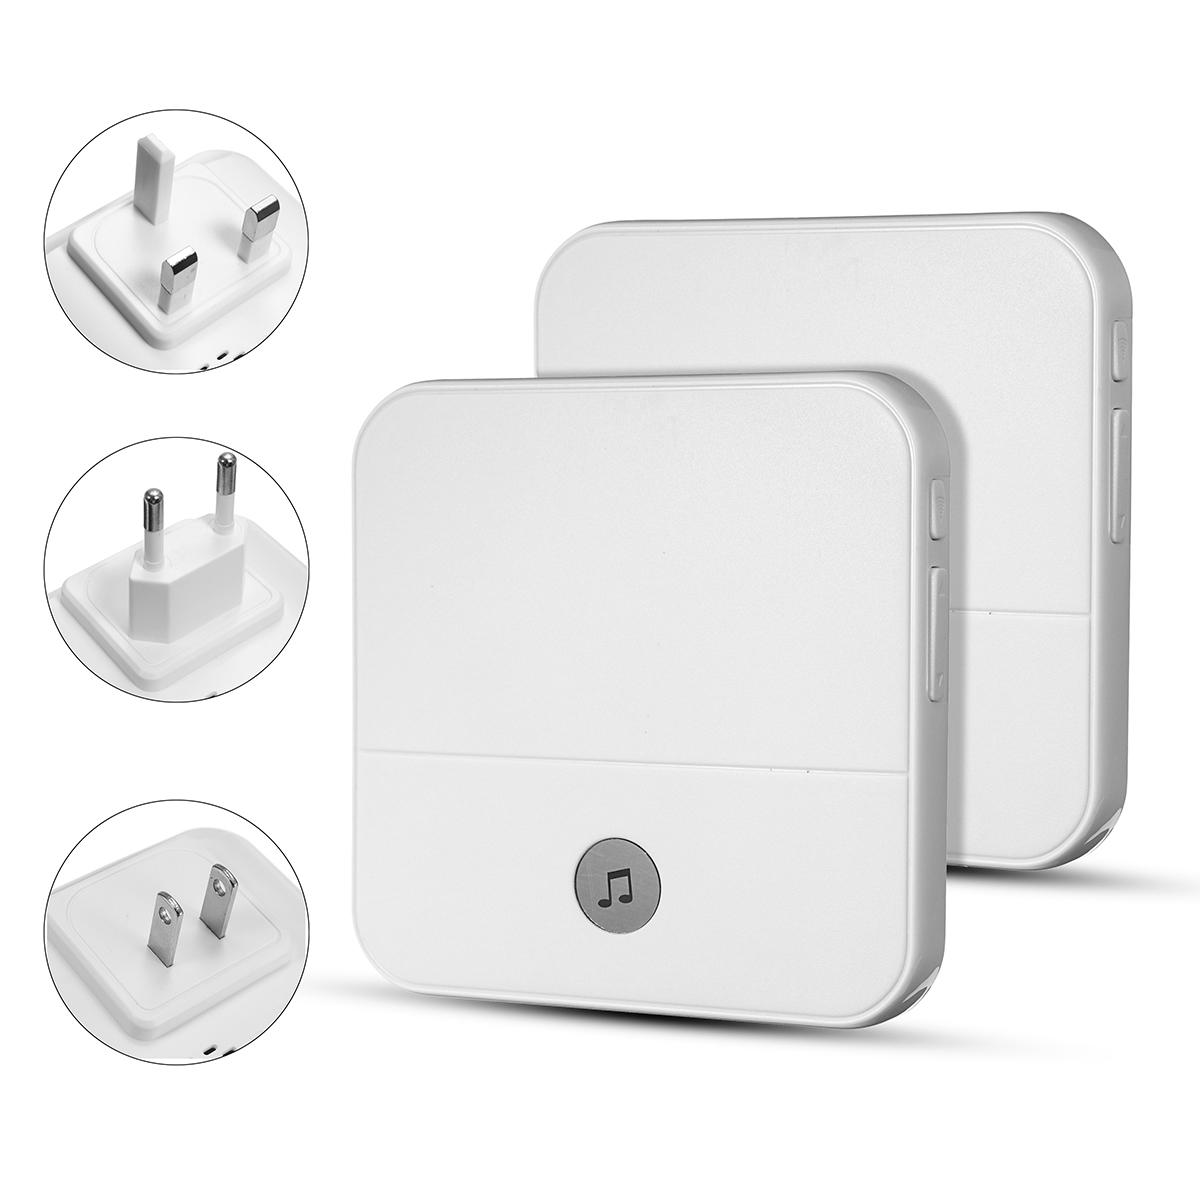 Home House 4 Volume Wireless Doorbell Chime 2 Receiver + 1 Doorbell